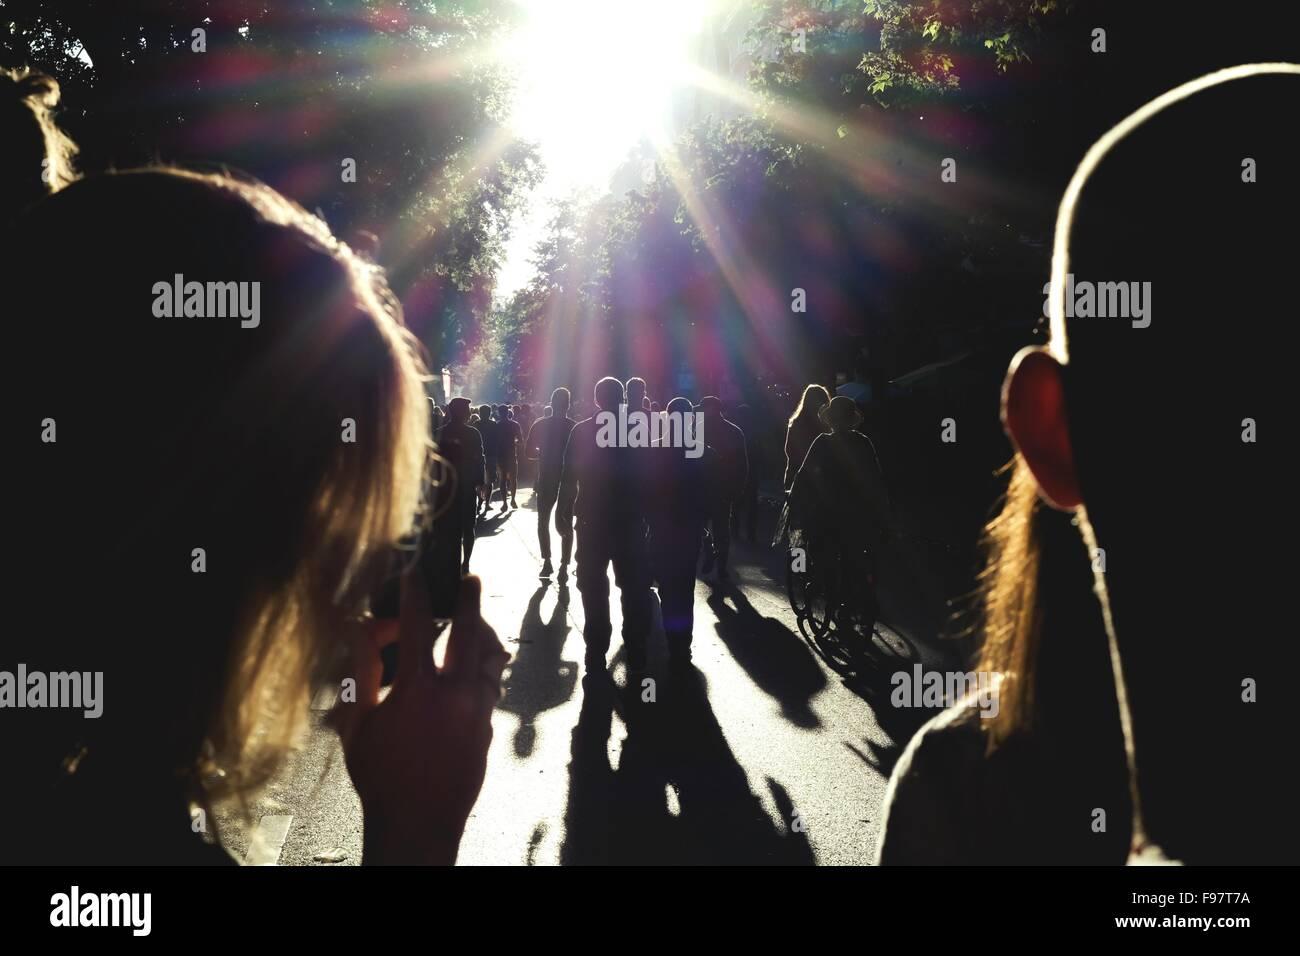 Silhouette Menschen zu Fuß unterwegs Stockbild